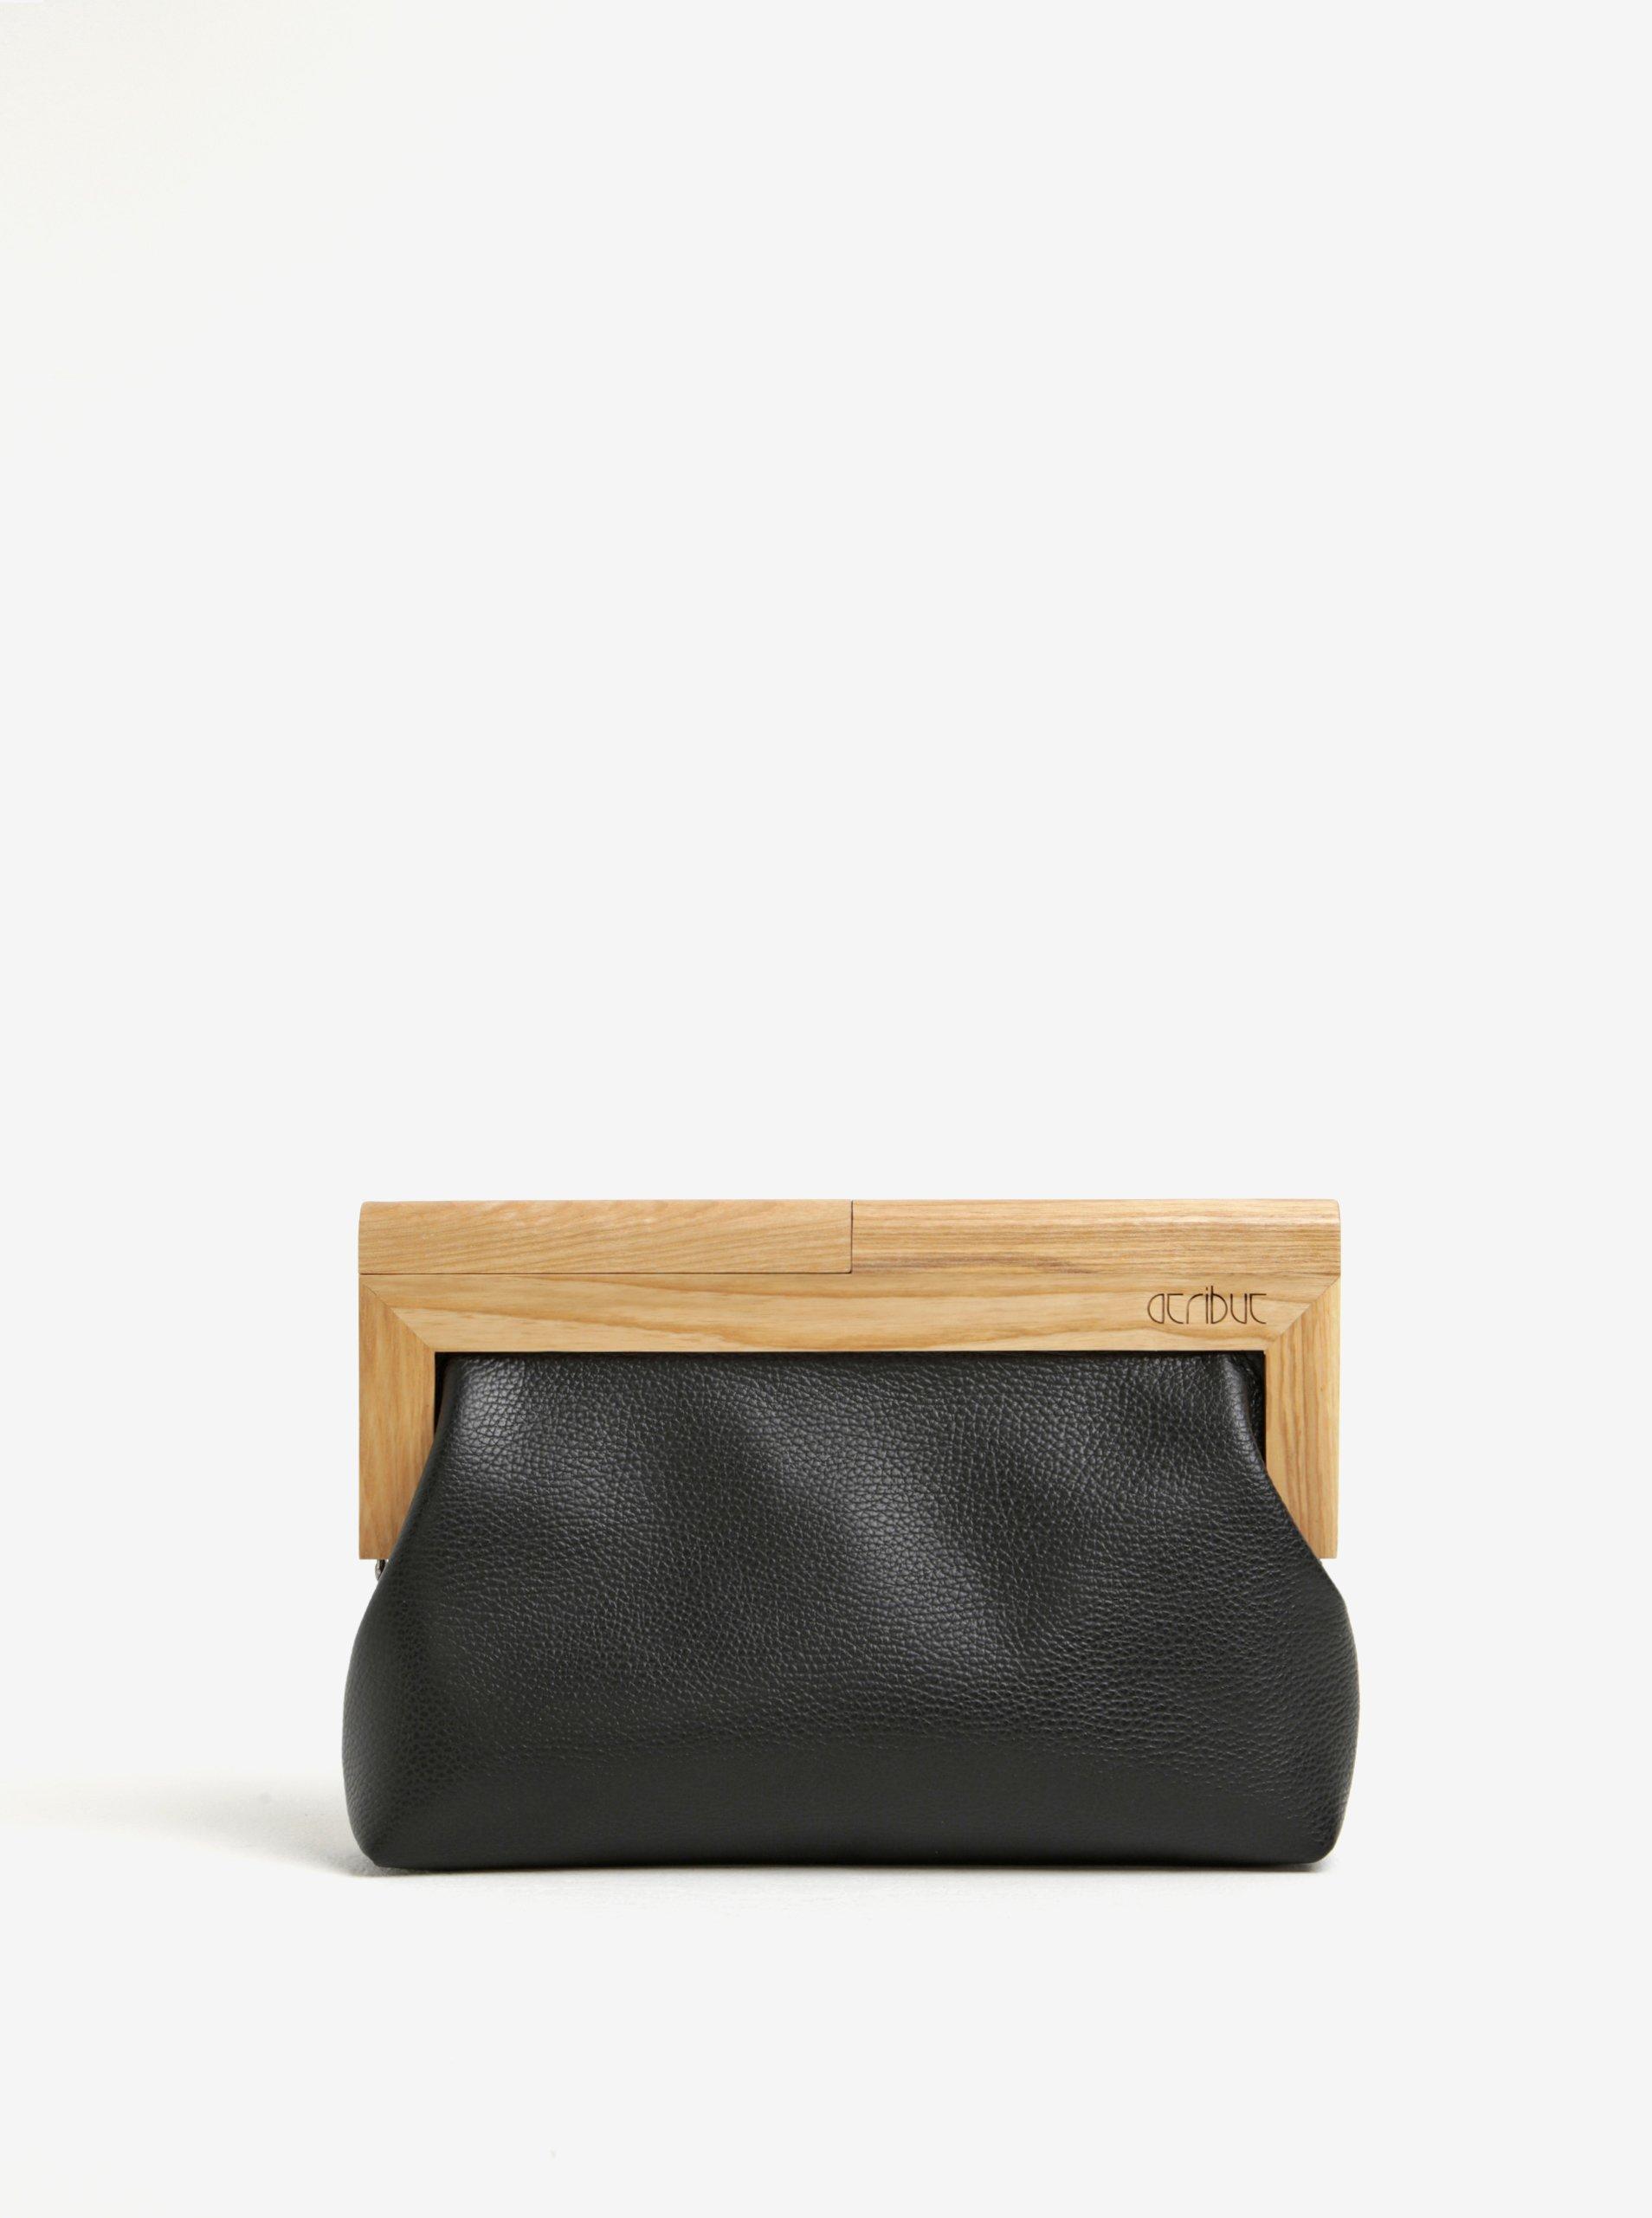 Černé kožené psaníčko s dřevěným rámem v přírodní barvě Atribut